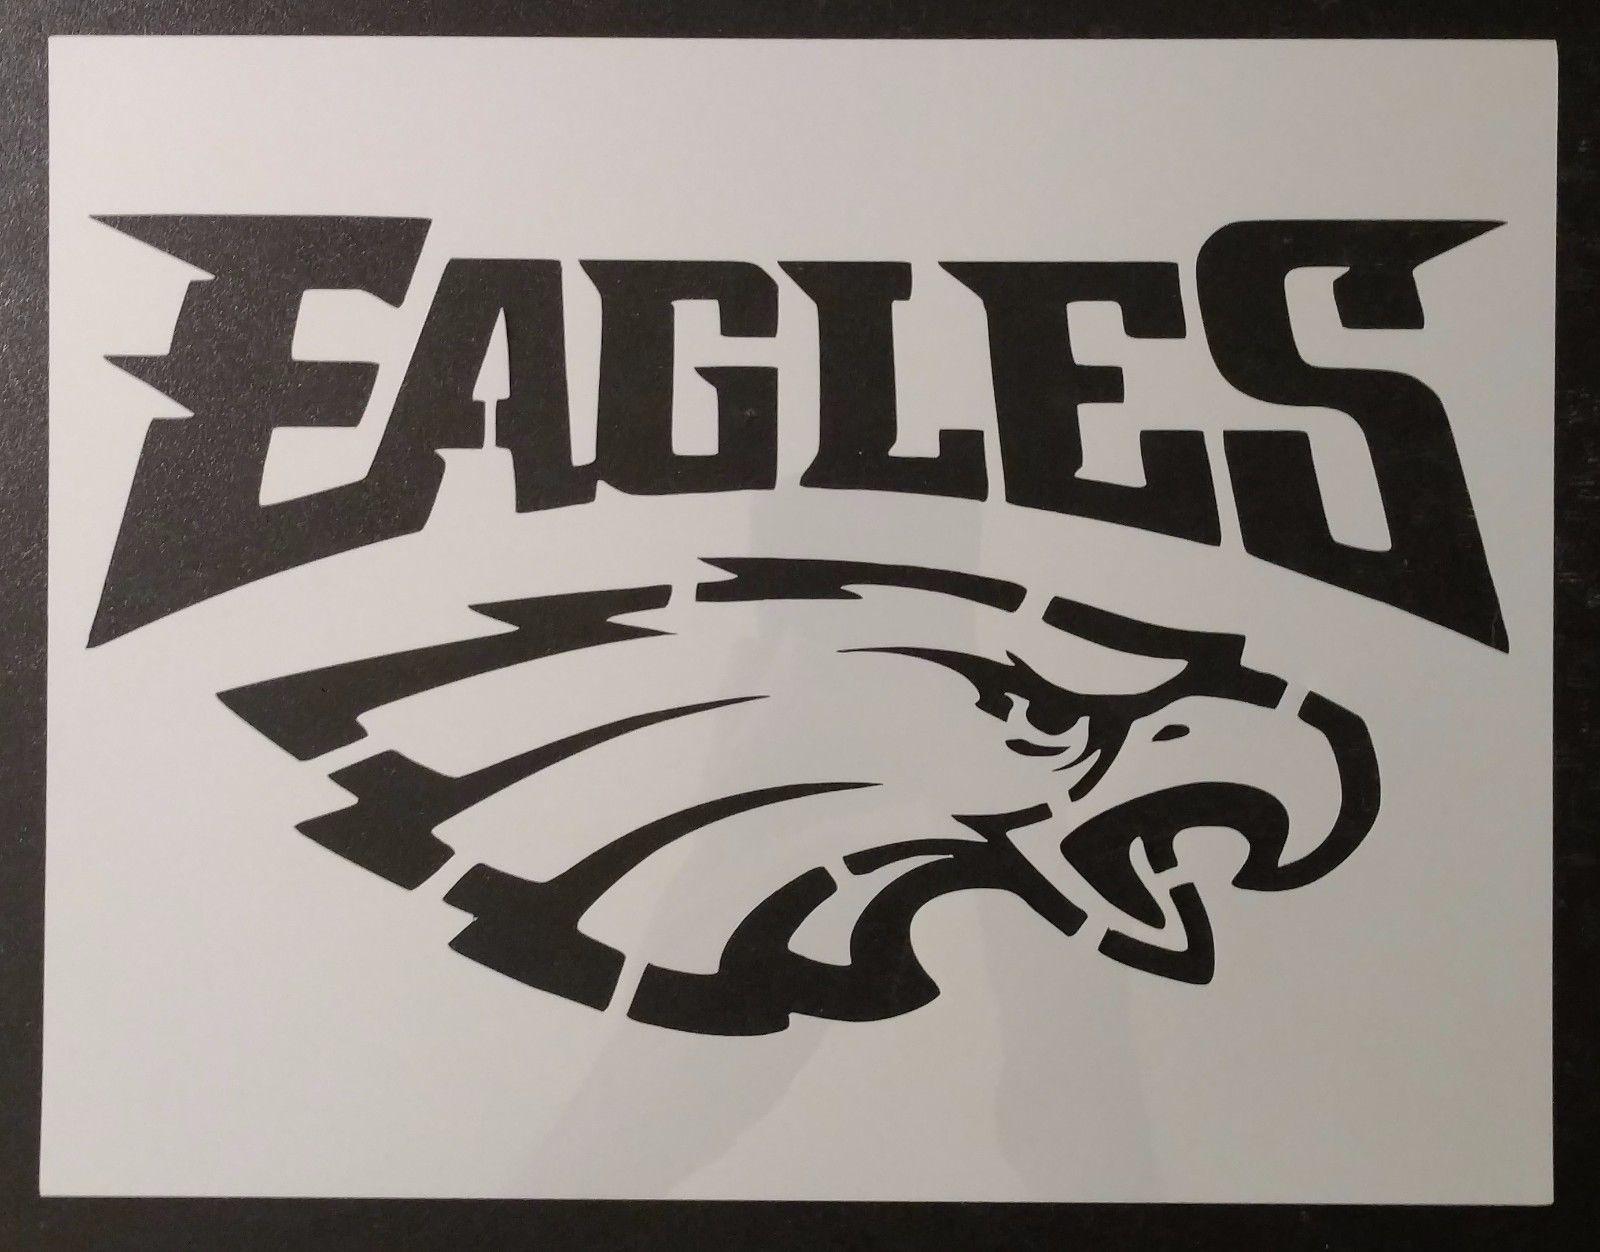 Philadelphia Eagles StencilMylar Plastic Sheet Reusable/&Durable NFL